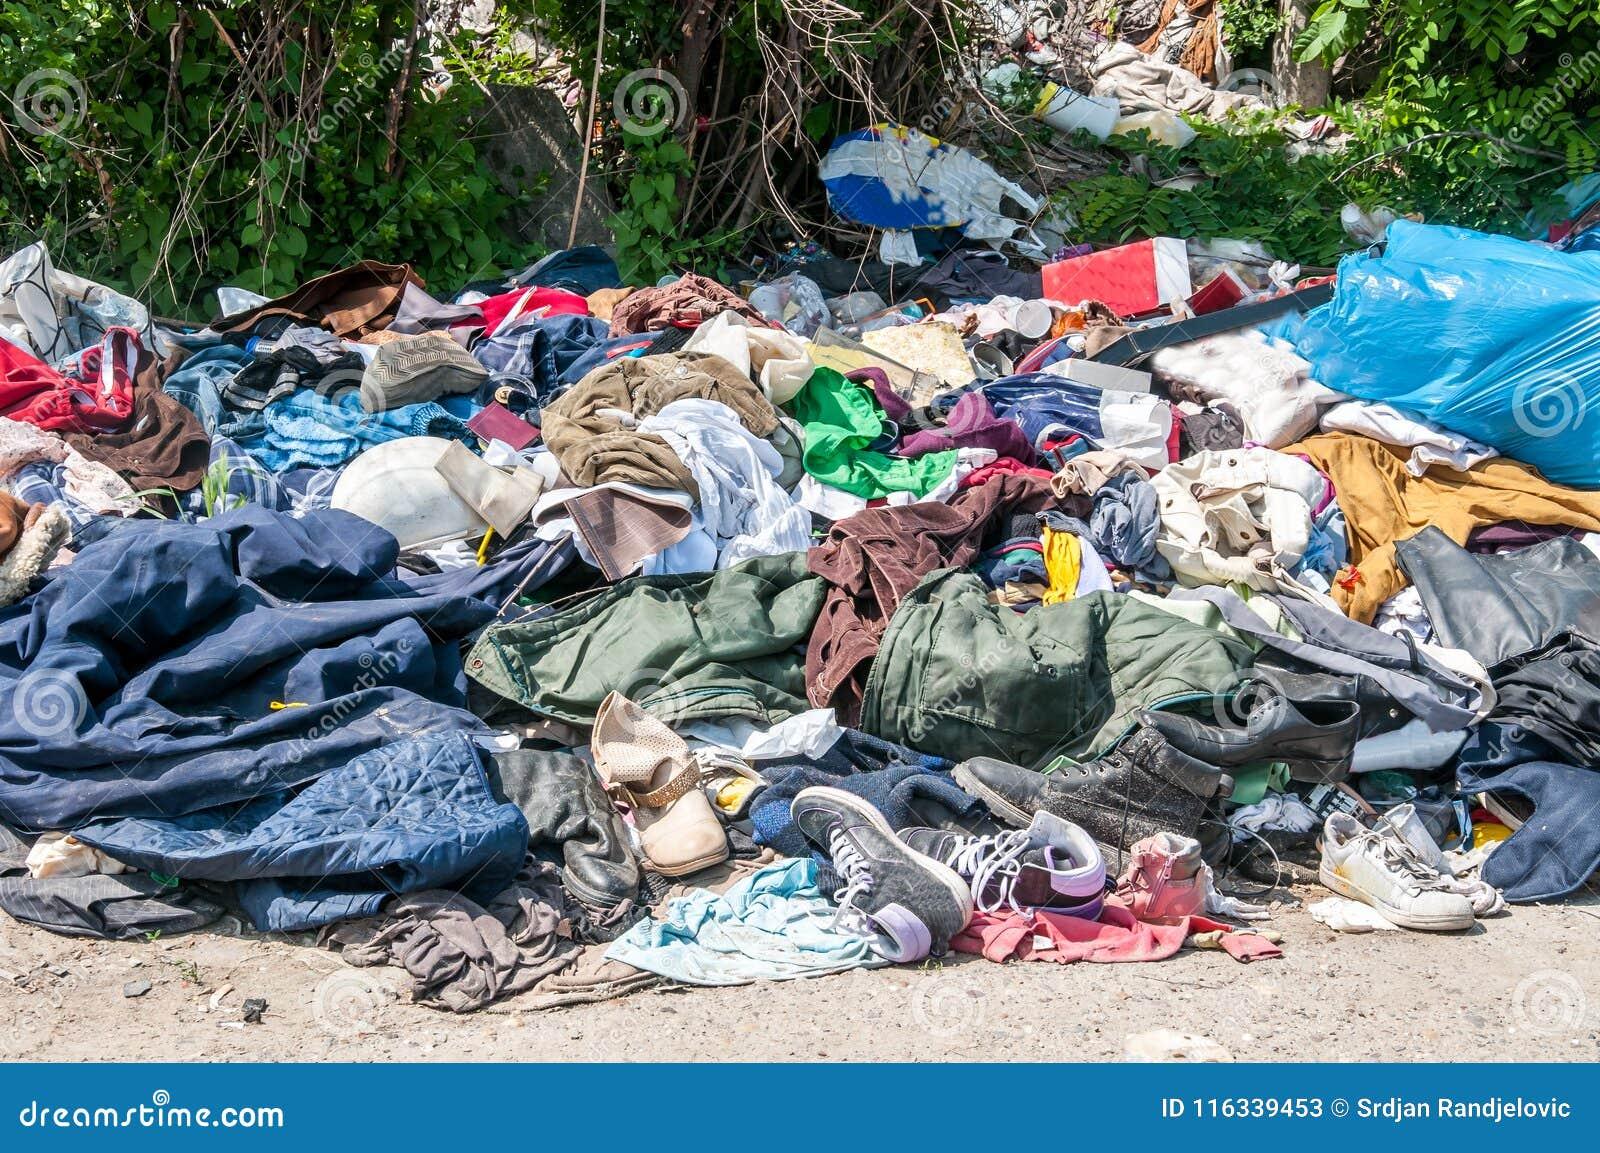 Ο σωρός των παλαιών ενδυμάτων και των παπουτσιών πέταξε στη χλόη ως παλιοπράγματα και απορρίματα, που ρυπαίνουν και που μολύνουν